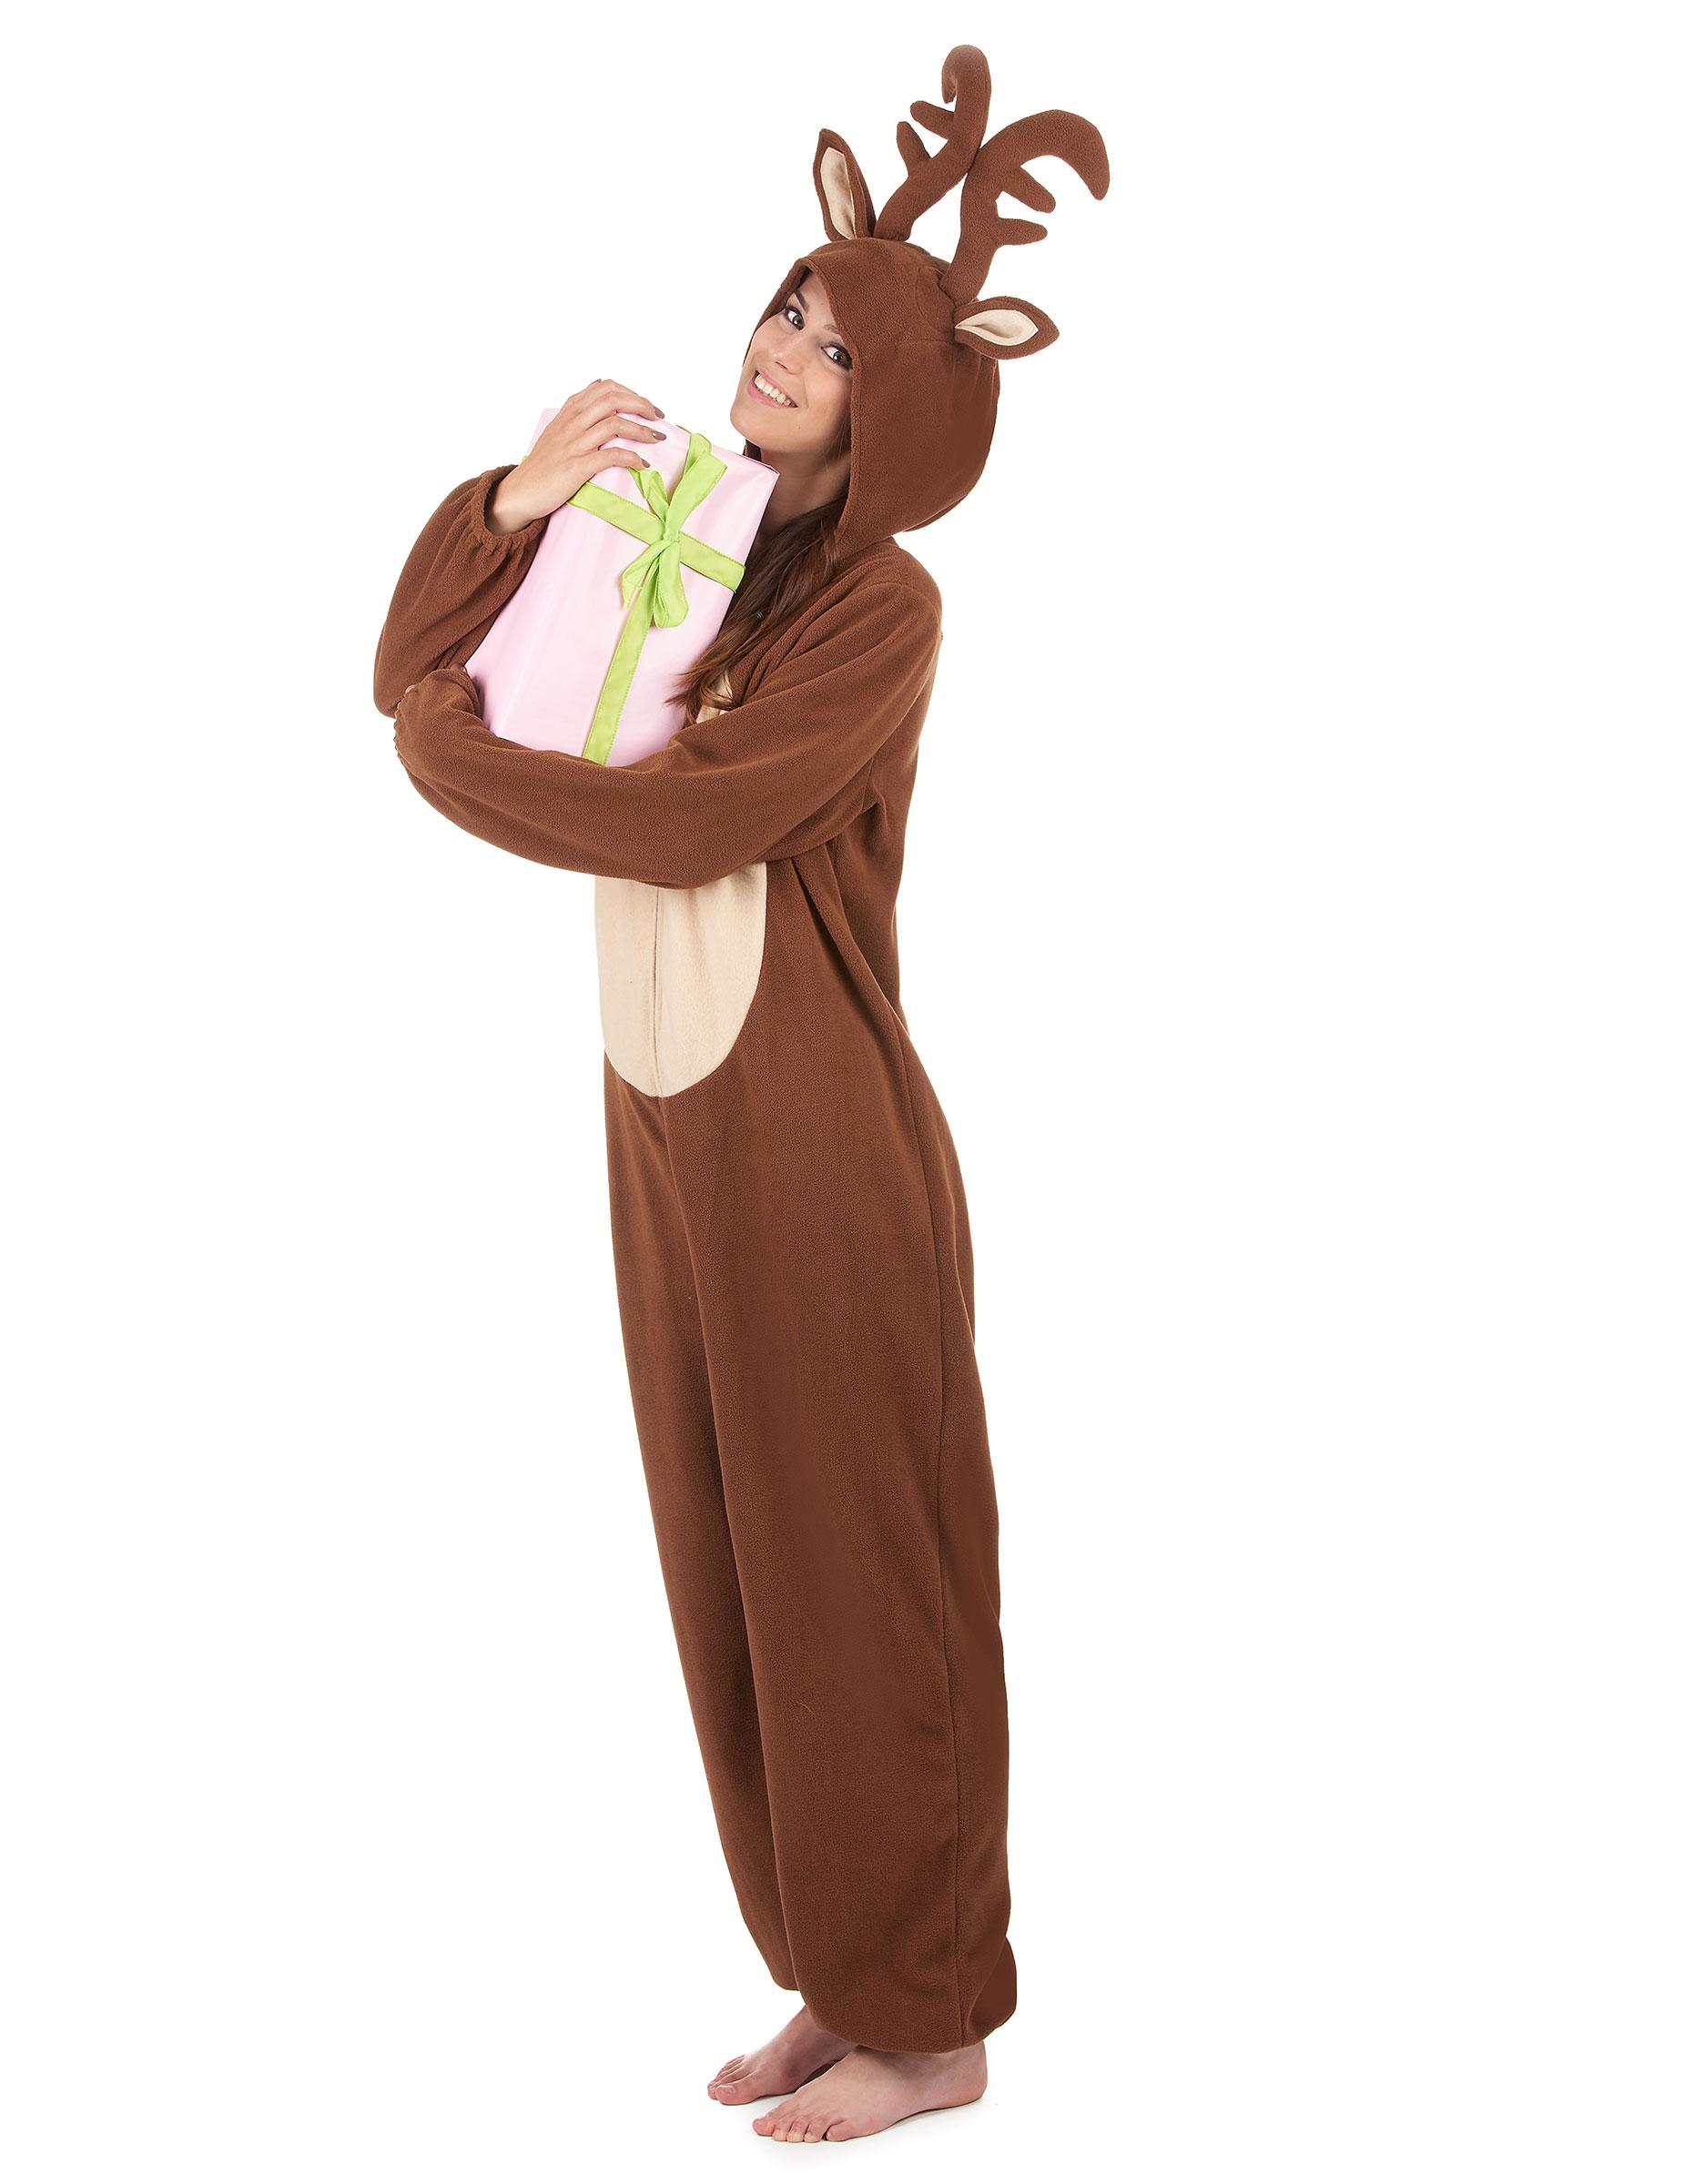 Tuta Costumi e Con Di Adulti Donna Renna Vestiti Cappuccio 7qWr1wa7